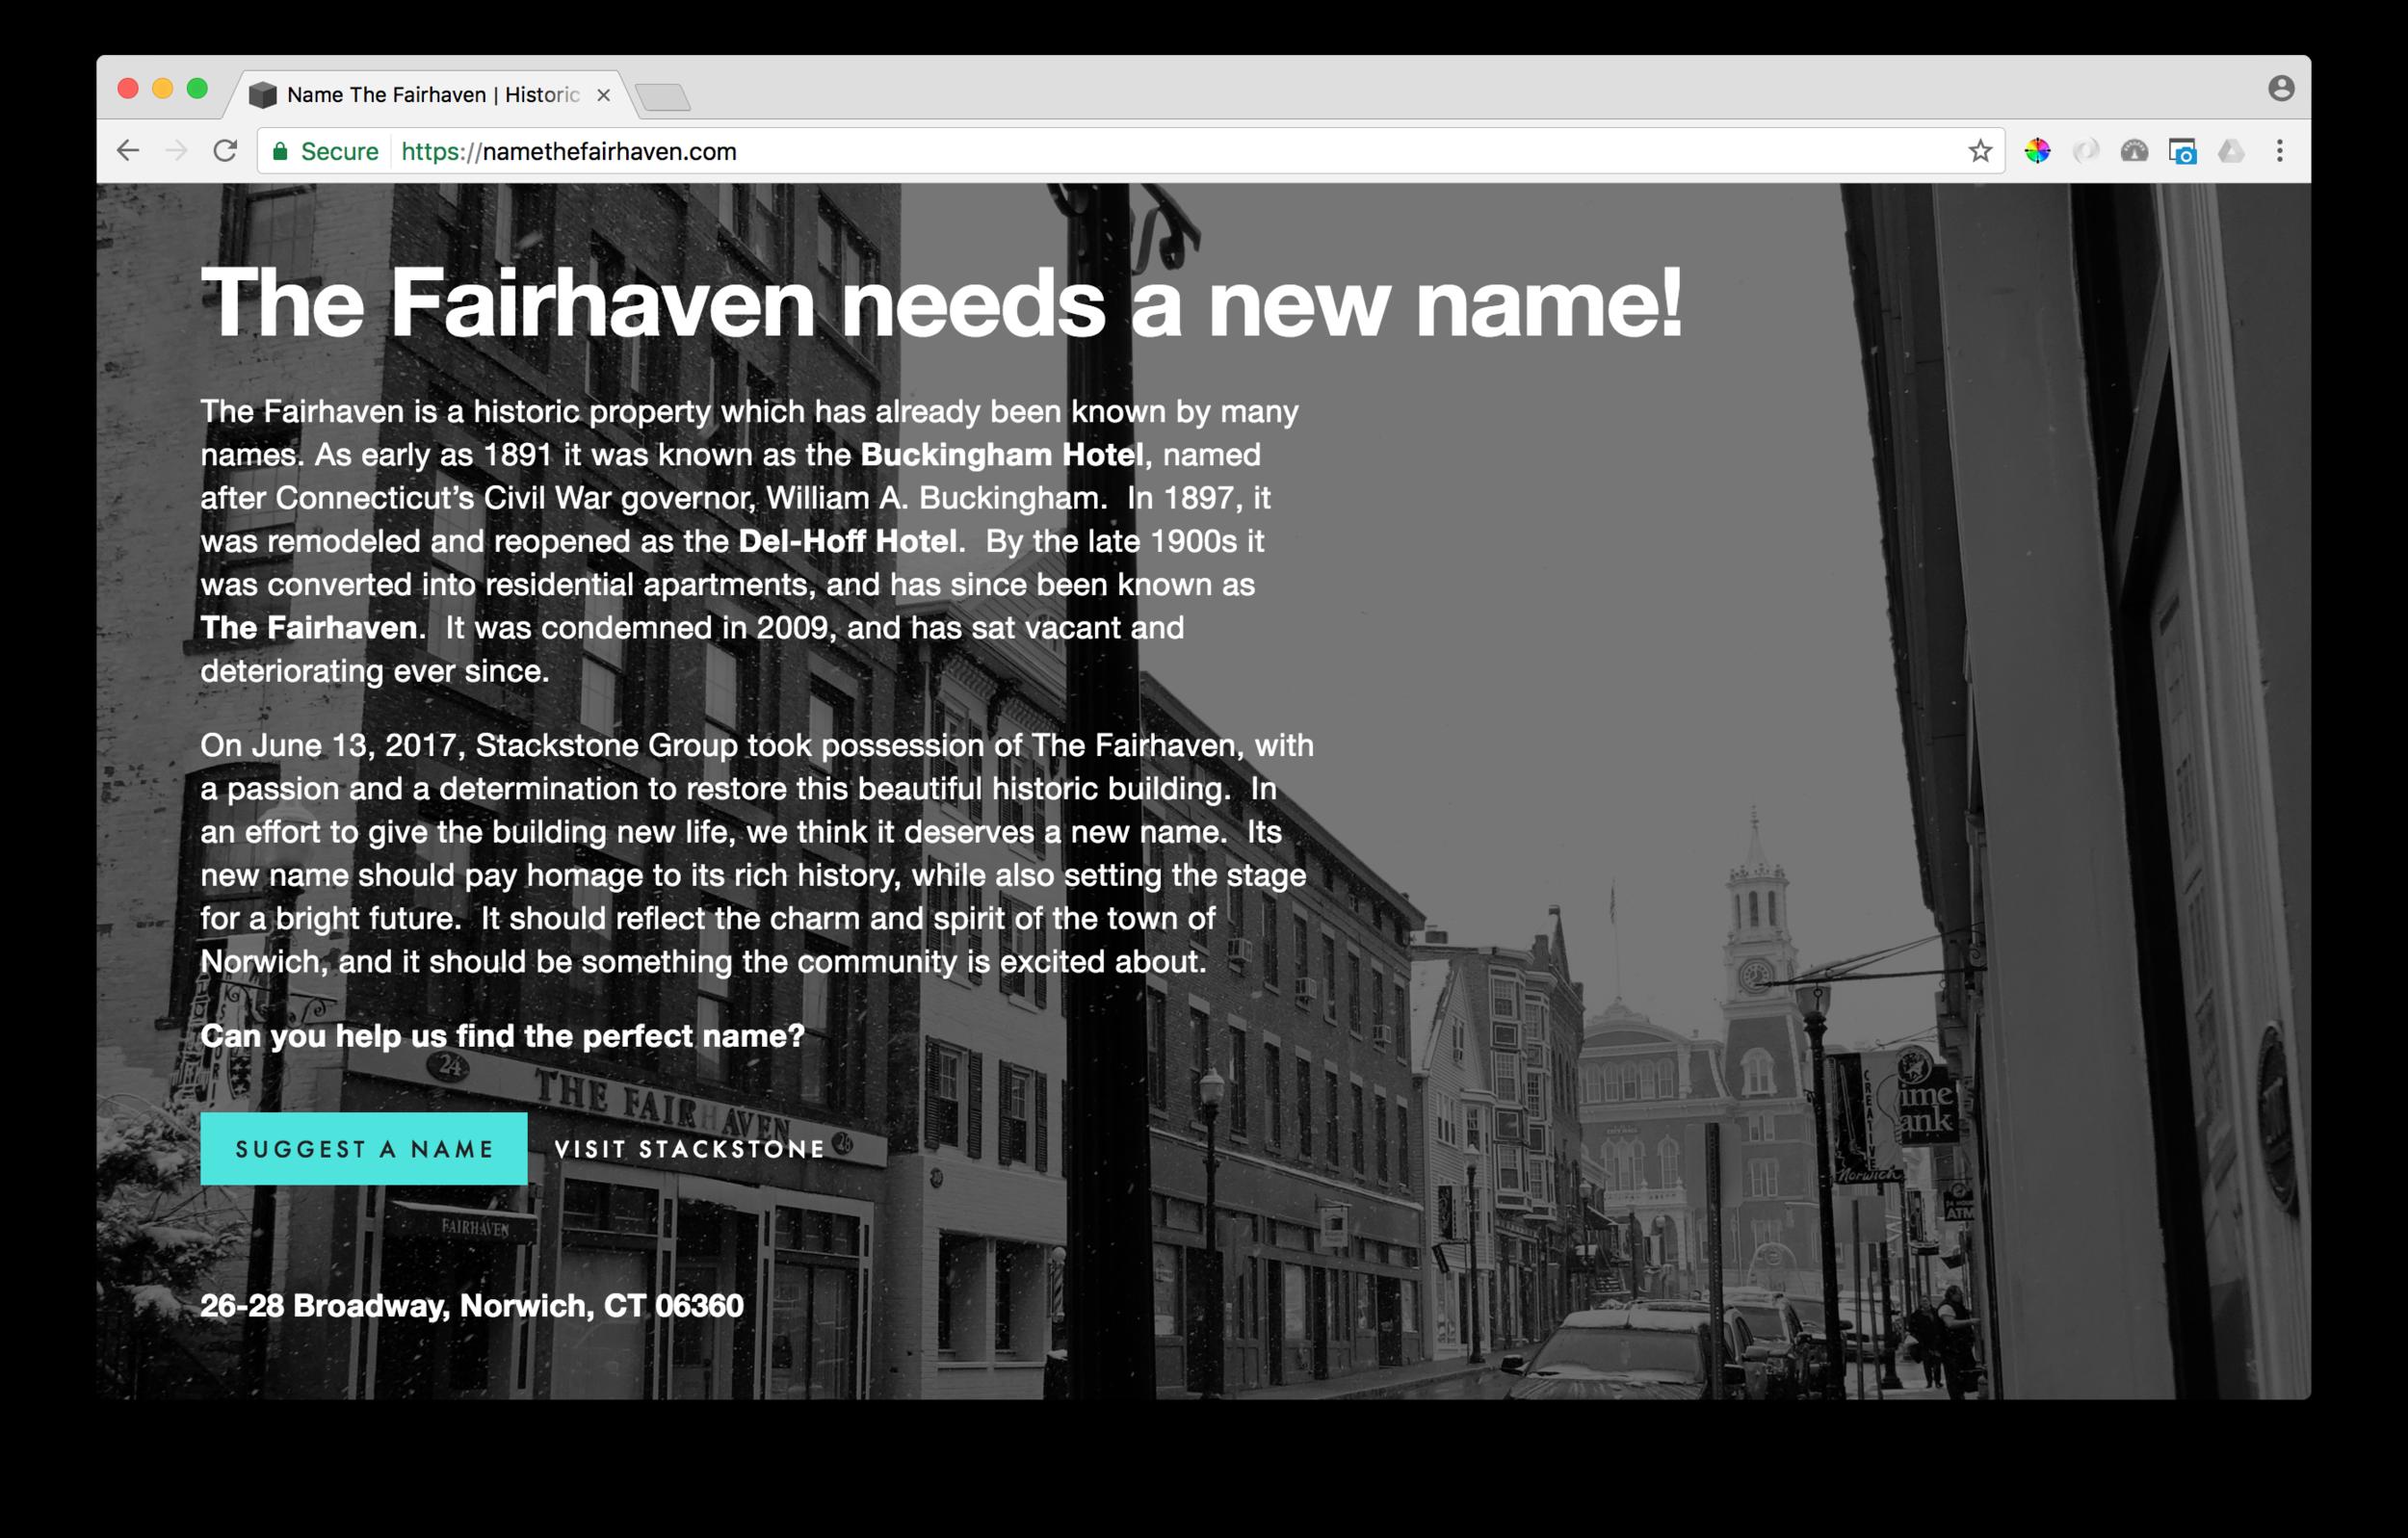 - namethefairhaven.com